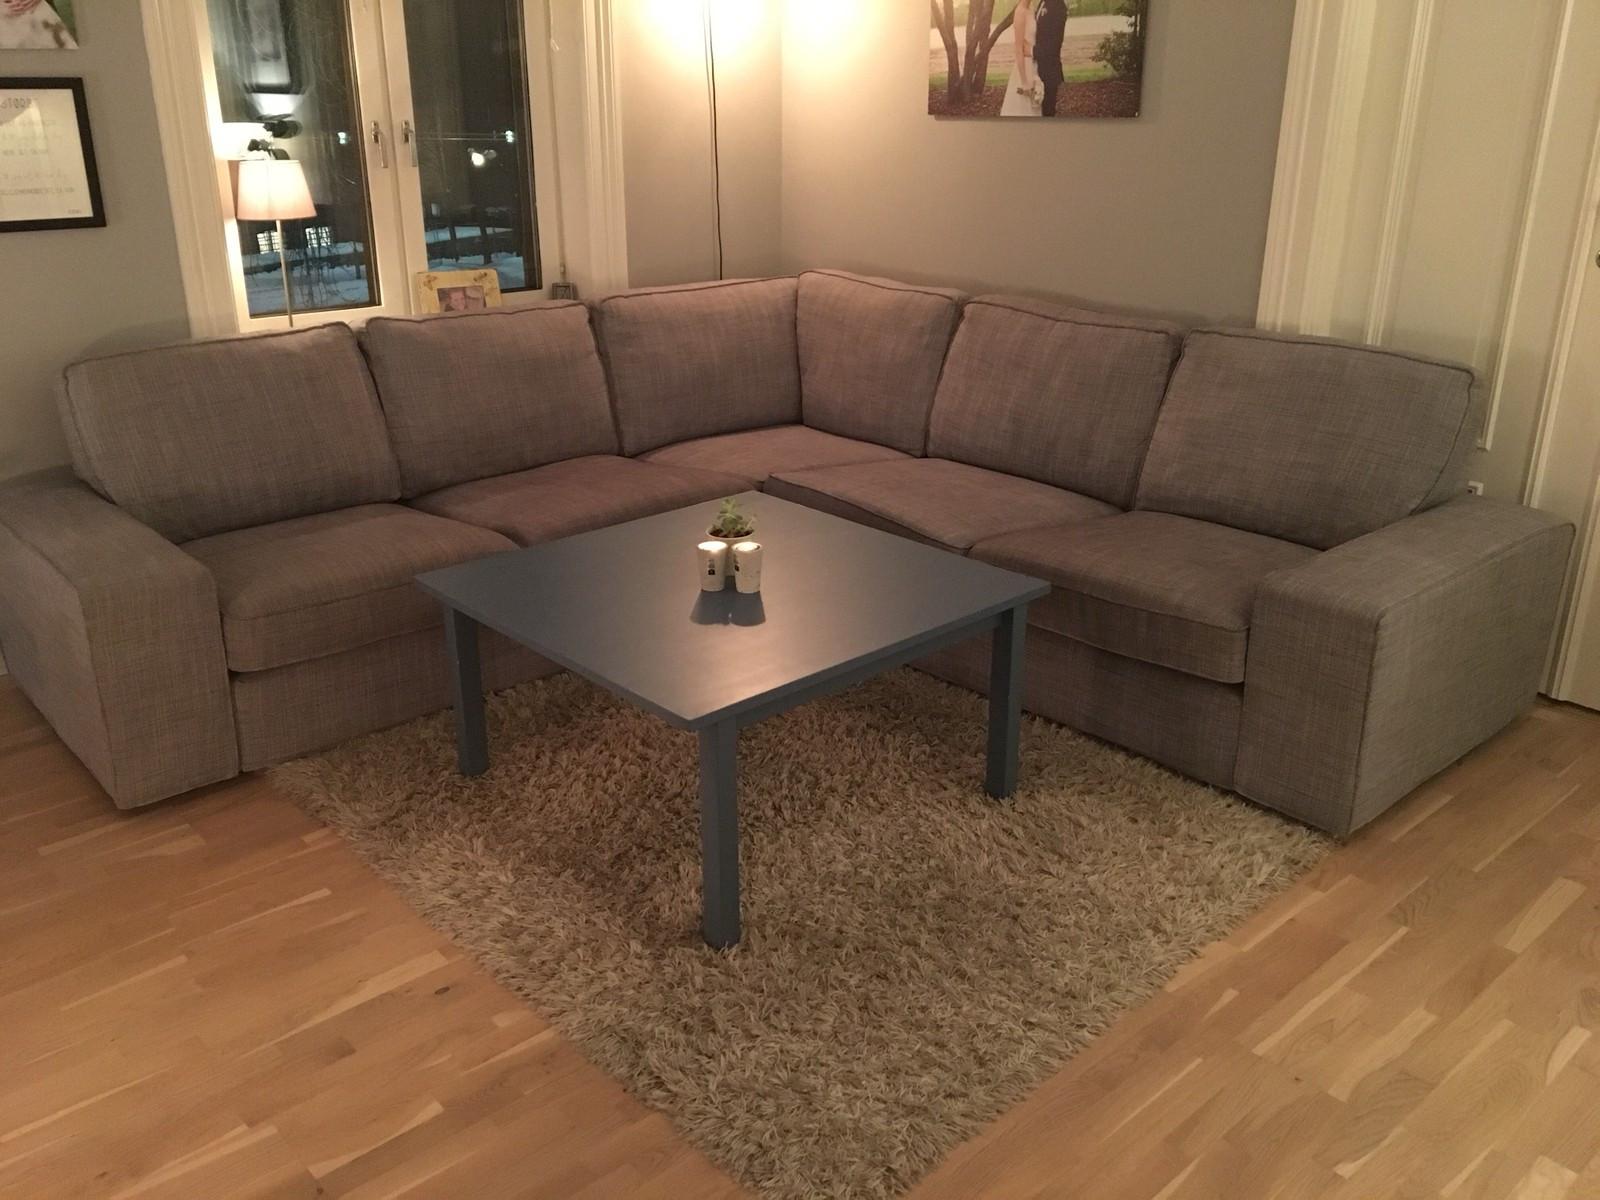 Kivik hjørnesofa - IKEA - Oslo  - Kivik hjørnesofa fra IKEA.  Sofaen er ca 2.5 år, kjøpt 09.06.2015. Sofaen er i god stand og har meget god passform. Trekket kan lett tas av sofaen og renses. Stoffet heter isunda grå.   Størrelse:   Høyde: 83cm Bredde høyre: - Oslo